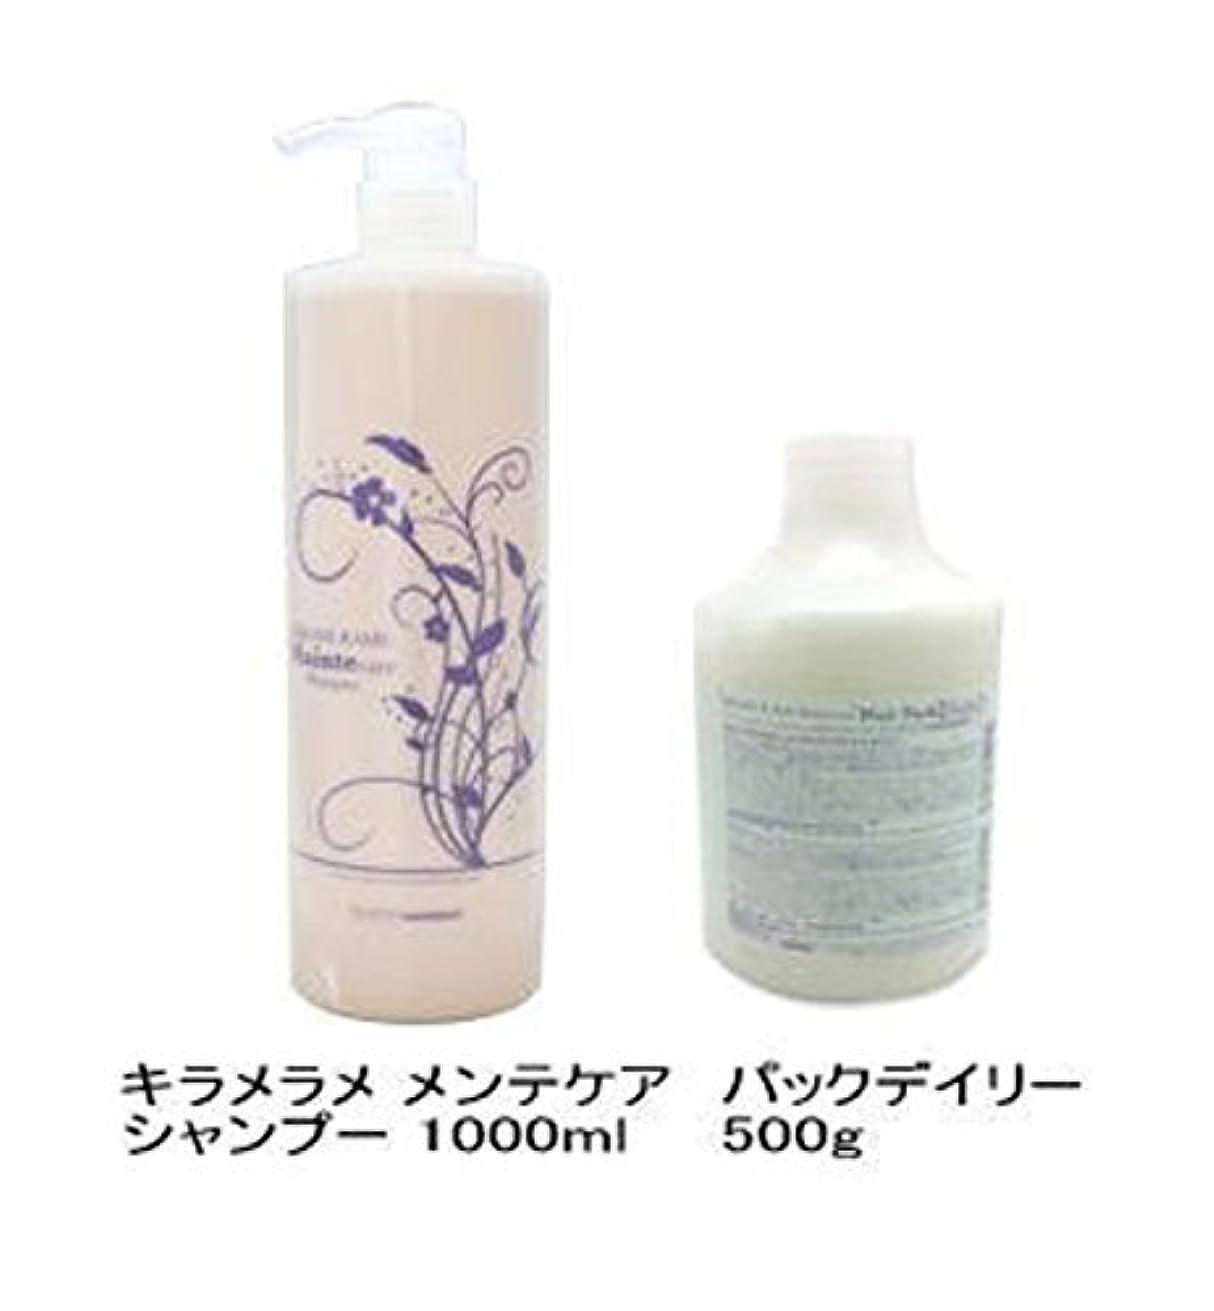 前書き偽物軽くハホニコ キラメラメ メンテケアシャンプー 1000mL + パックデイリー 500g セット [Shampoo-land限定]